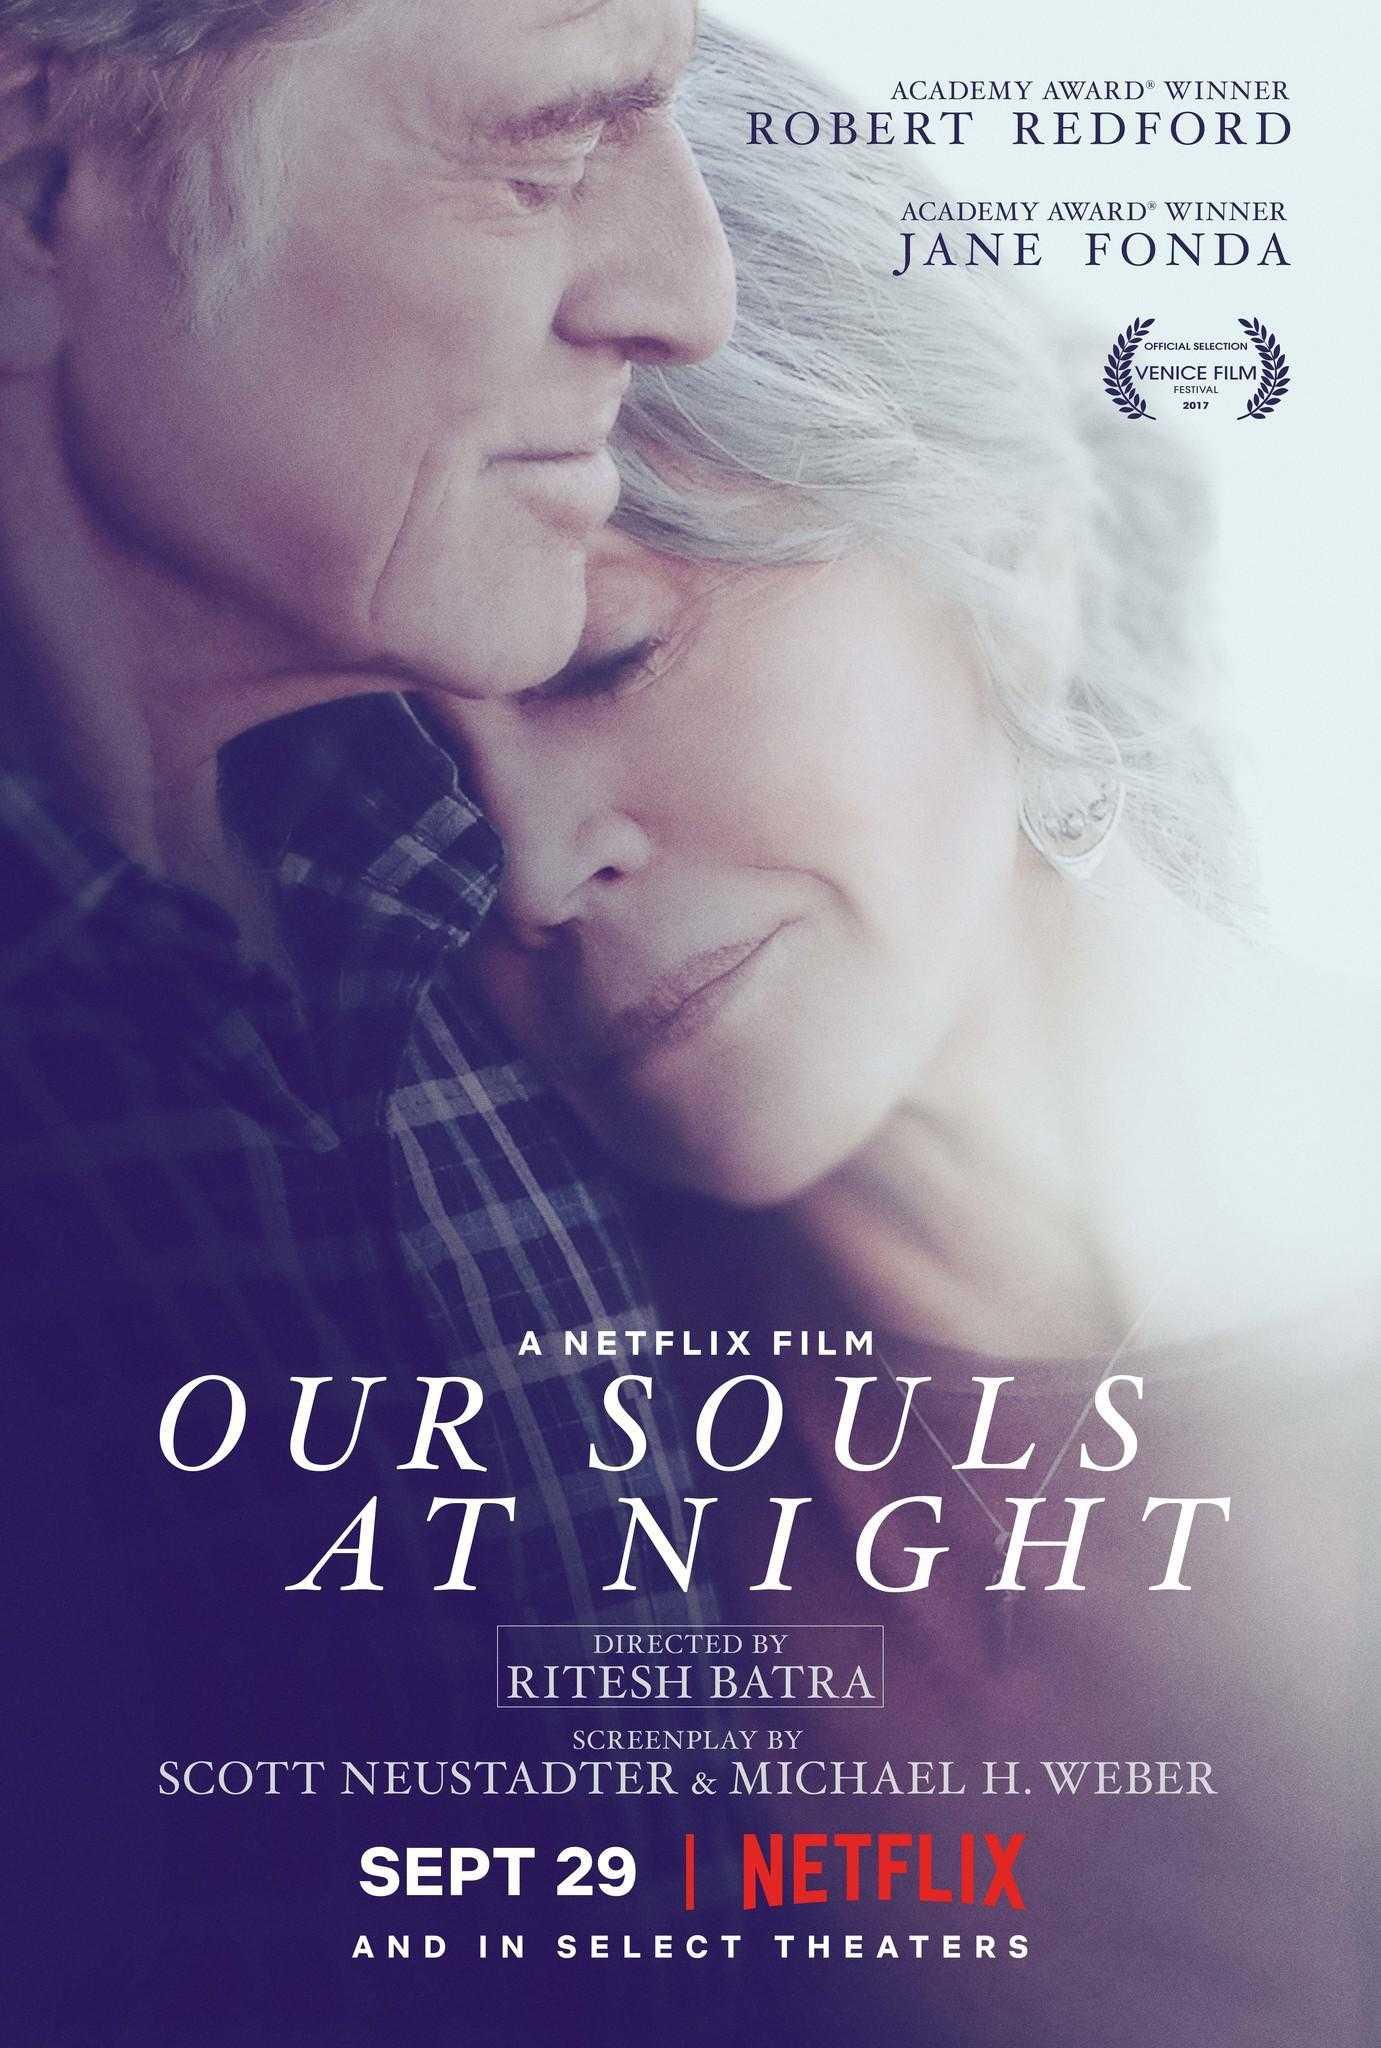 夜晚的灵魂 Our Souls at Night.2017.2160p.NF.WEBRip.x265.10bit.HDR.DD5.1-TrollUHD 12GB